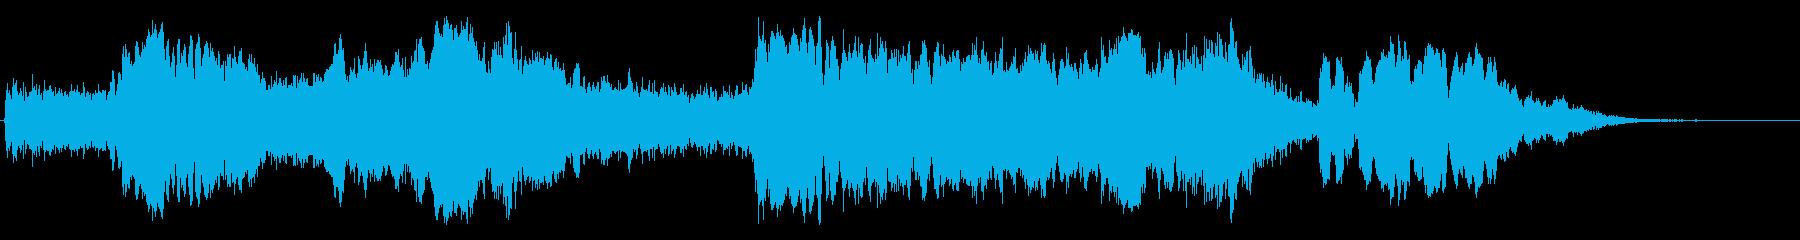 朝もやの中から聞こえてきそうなBGMの再生済みの波形